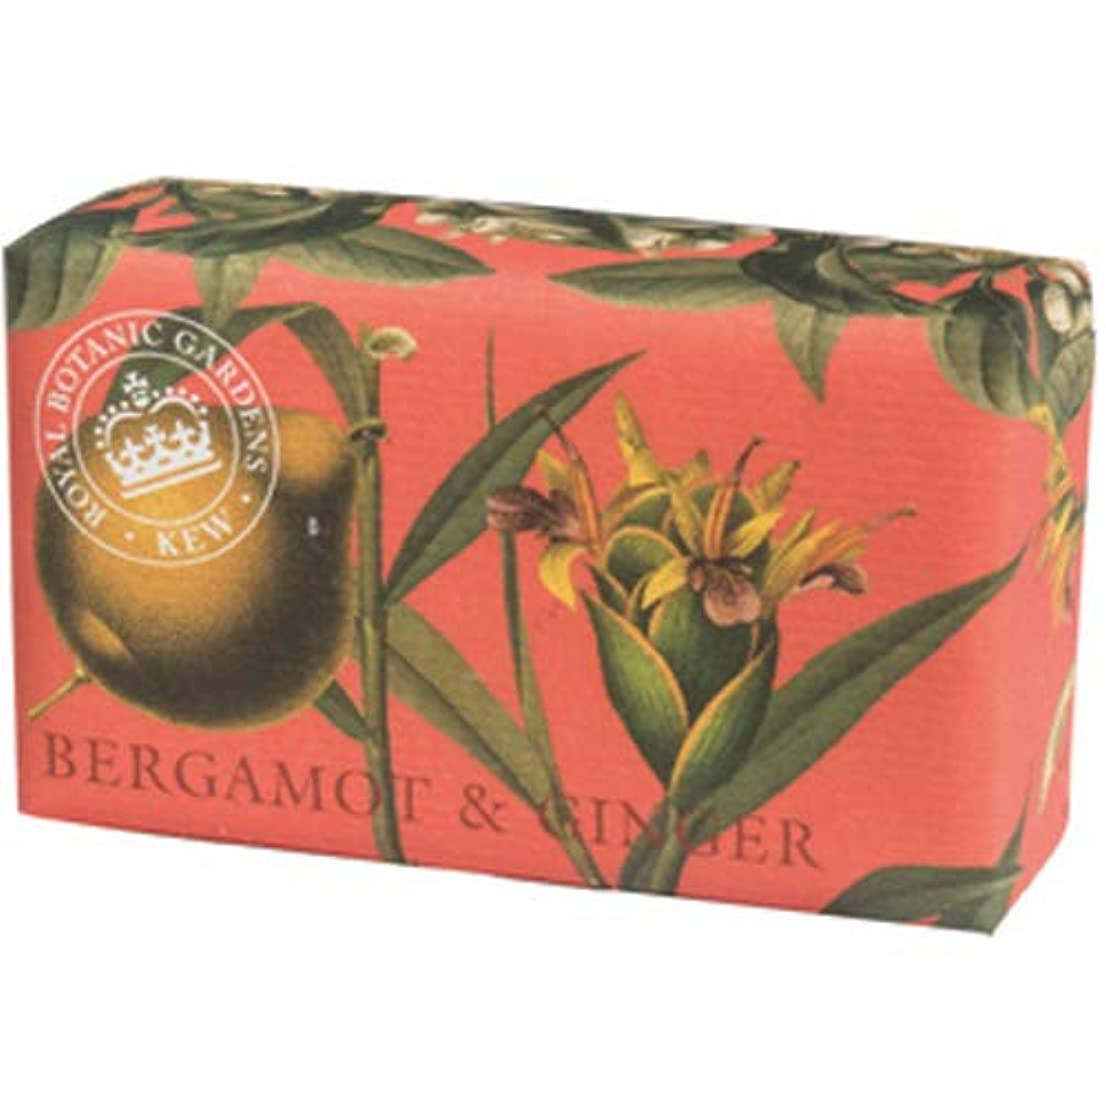 解くレール契約するEnglish Soap Company イングリッシュソープカンパニー KEW GARDEN キュー?ガーデン Luxury Shea Soaps シアソープ Bergamot & Ginger ベルガモット&ジンジャー